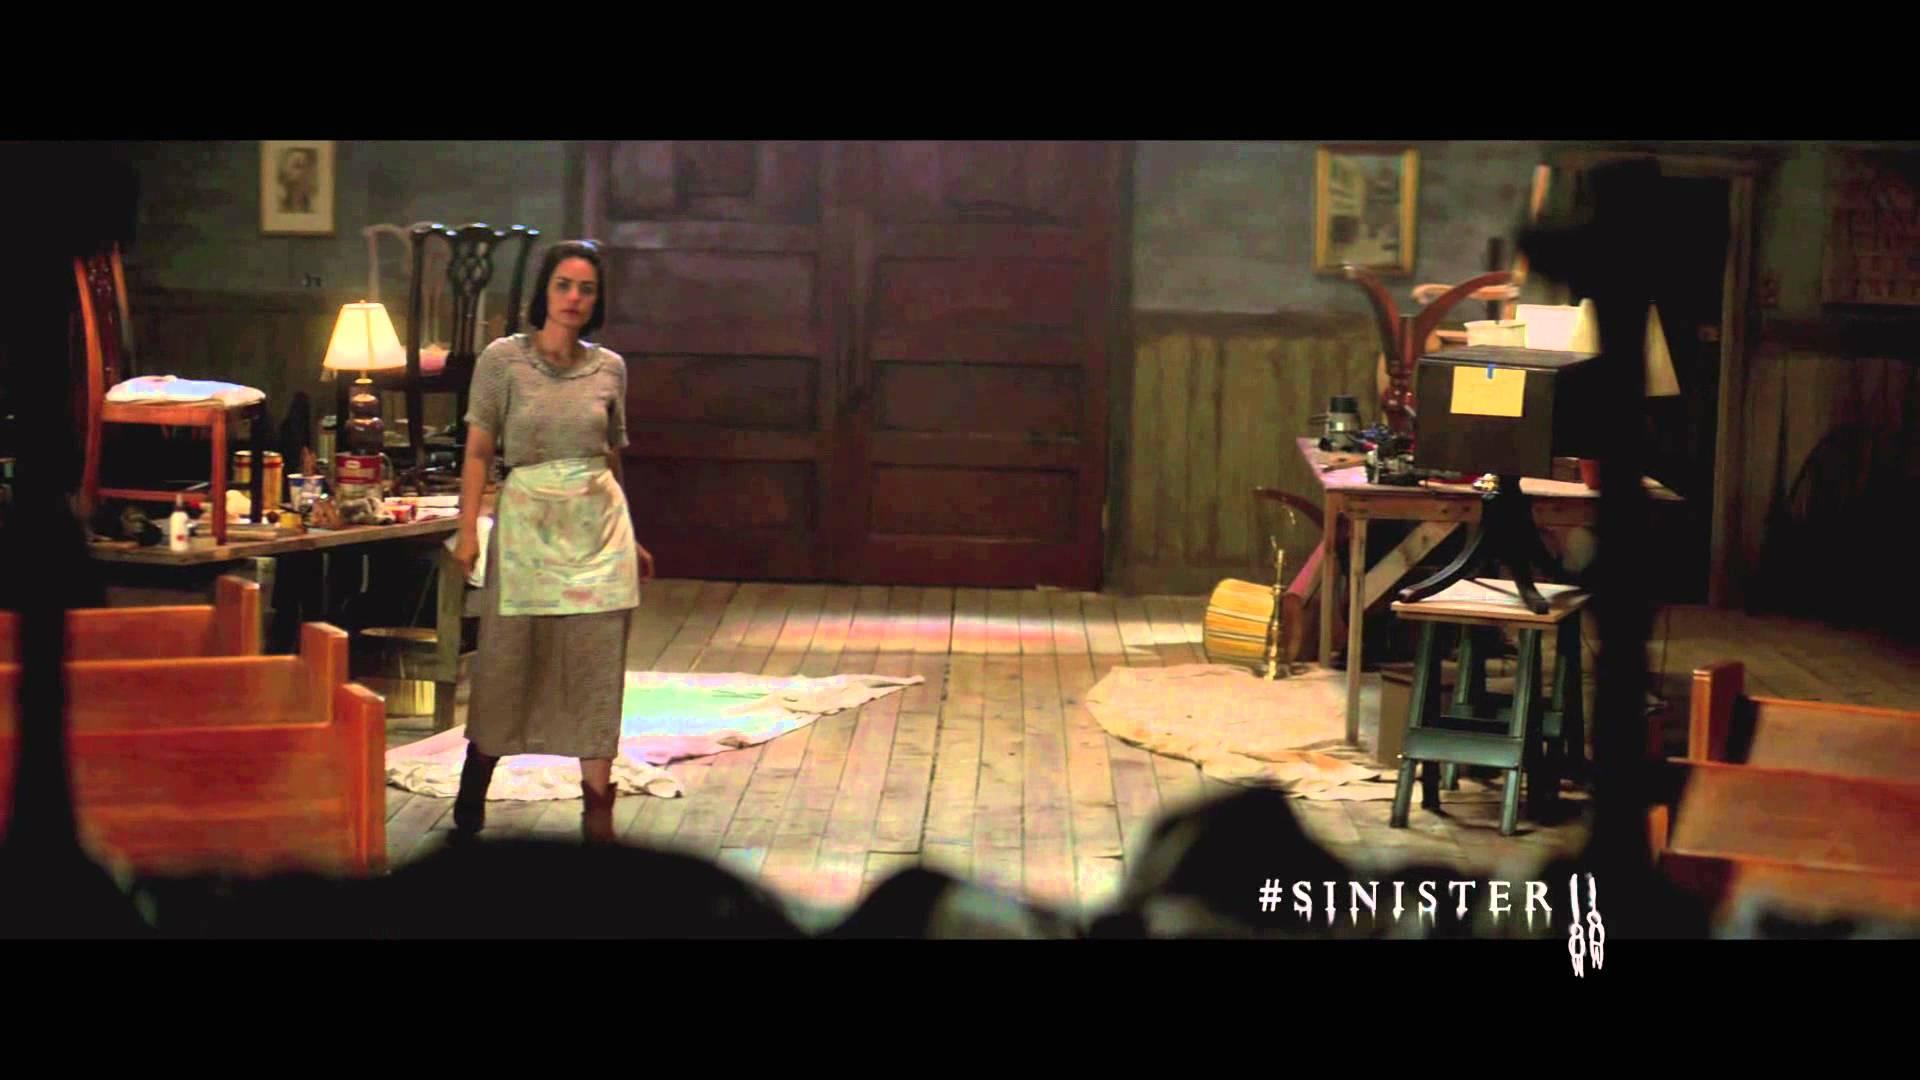 SINISTER 2 – BOOGYEMAN TV SPOT